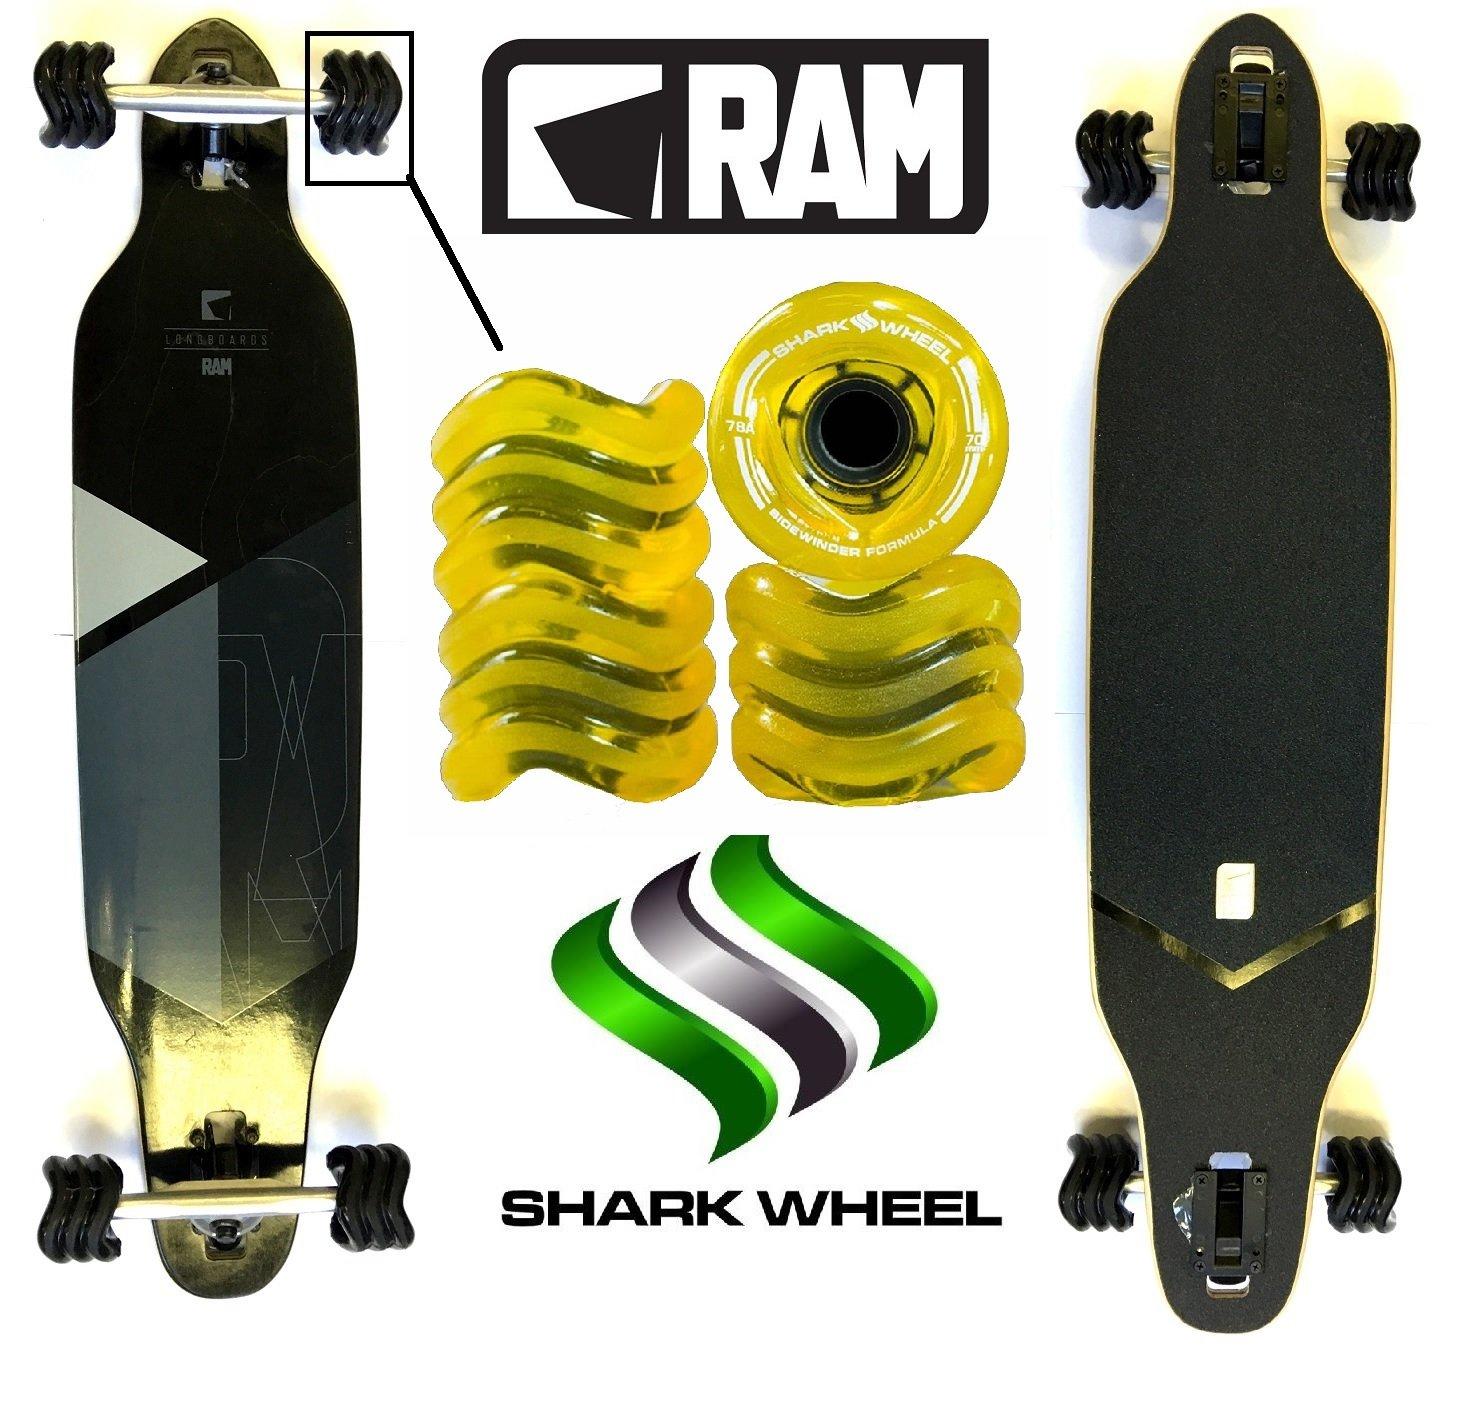 Fan tic26 tic26 tic26 Longboard RAM soli militare 2.0  Sidewinder Shark Wheels, nero   Sharks transparent giallo B01MSZH0SI nero   Sharks transparent giallo | Imballaggio elegante e robusto  | prendere in considerazione  | Forte calore e resistenza al calore  | Au cc2f85